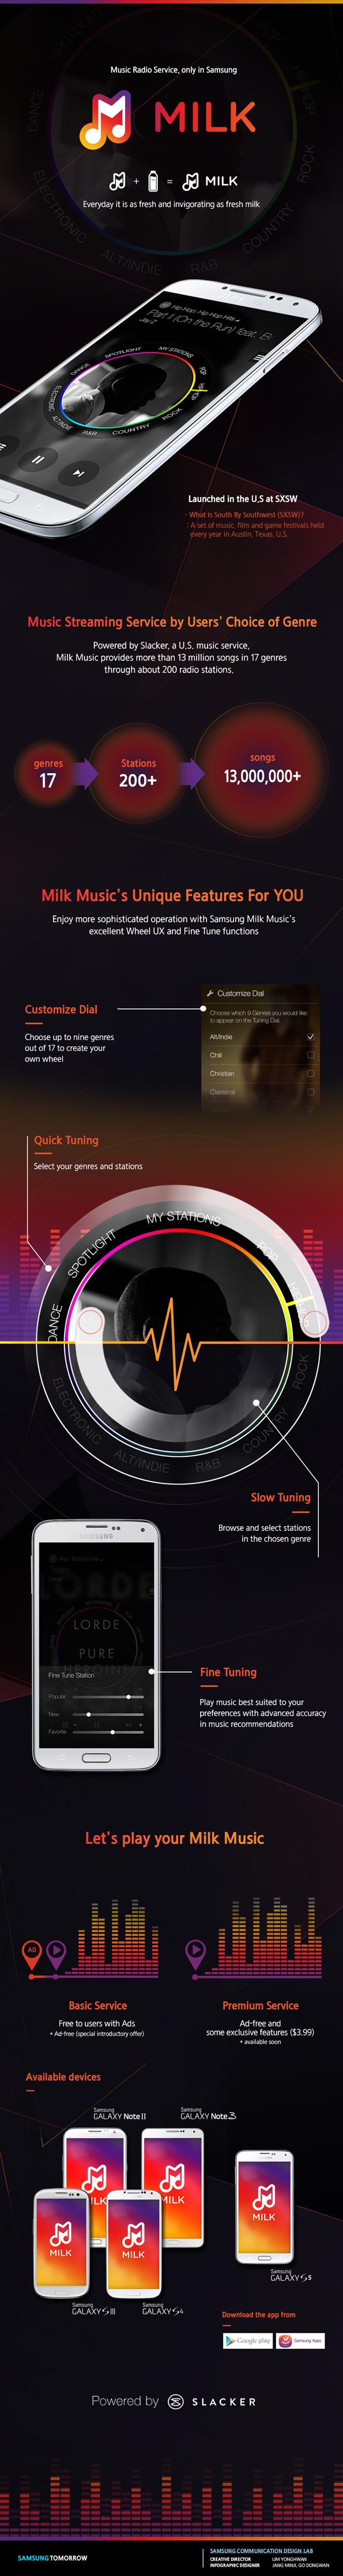 Обновление музыкального сервиса Milk Music от Samsung